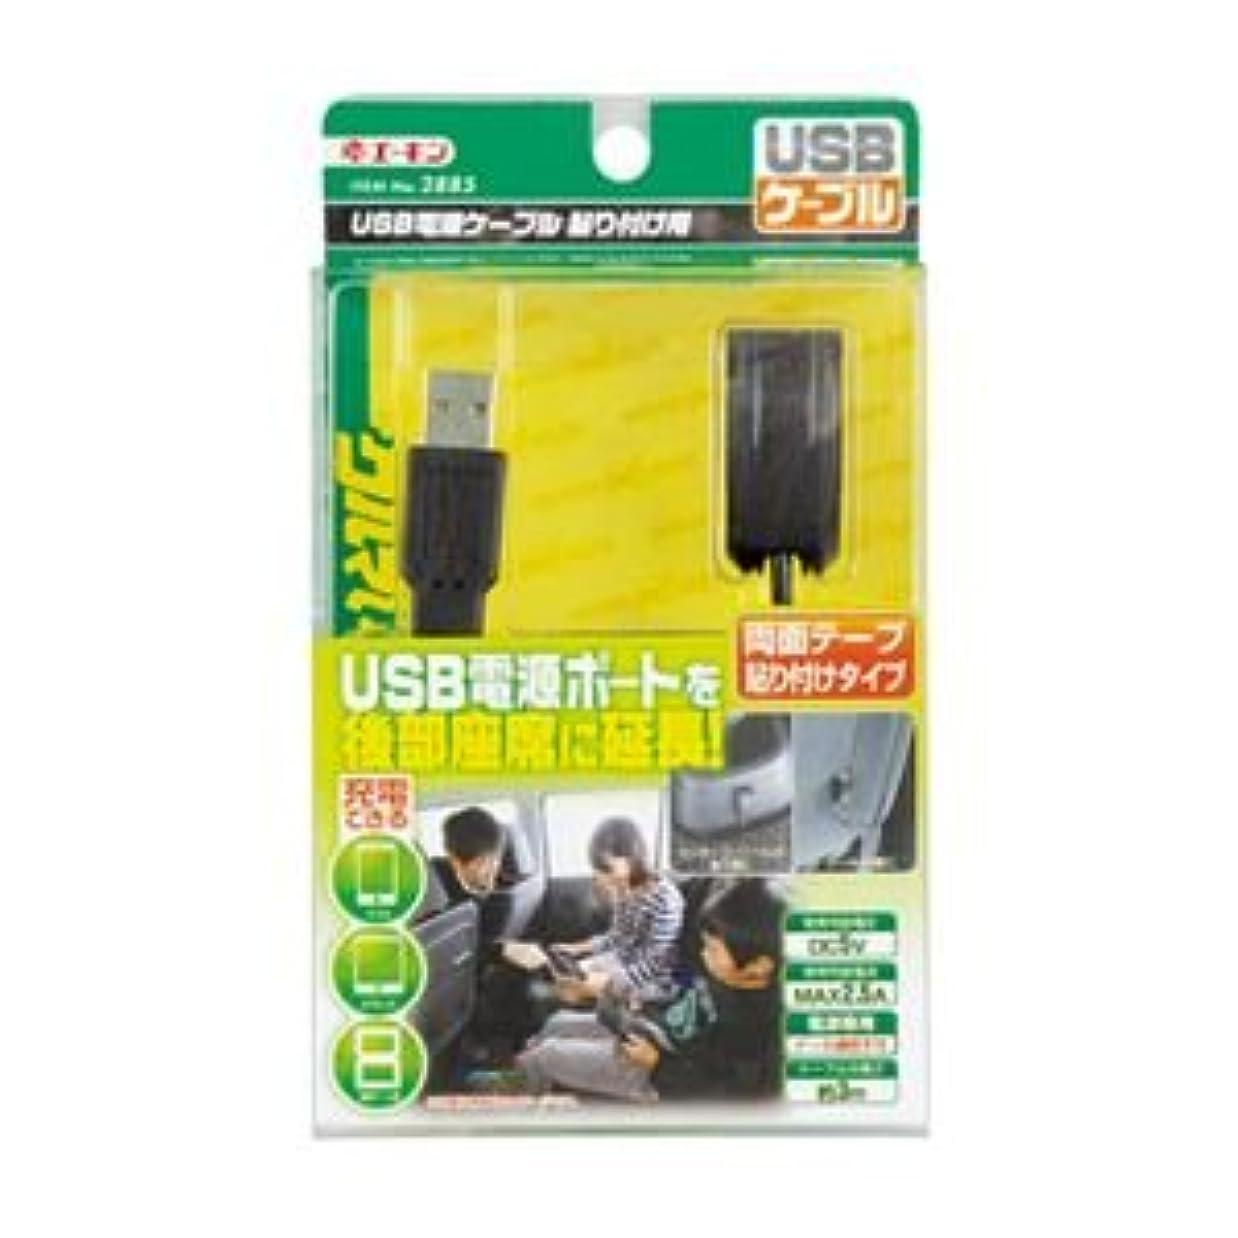 補体協定故国(まとめ) USB電源ケーブル貼り付け用 2885 【×5セット】